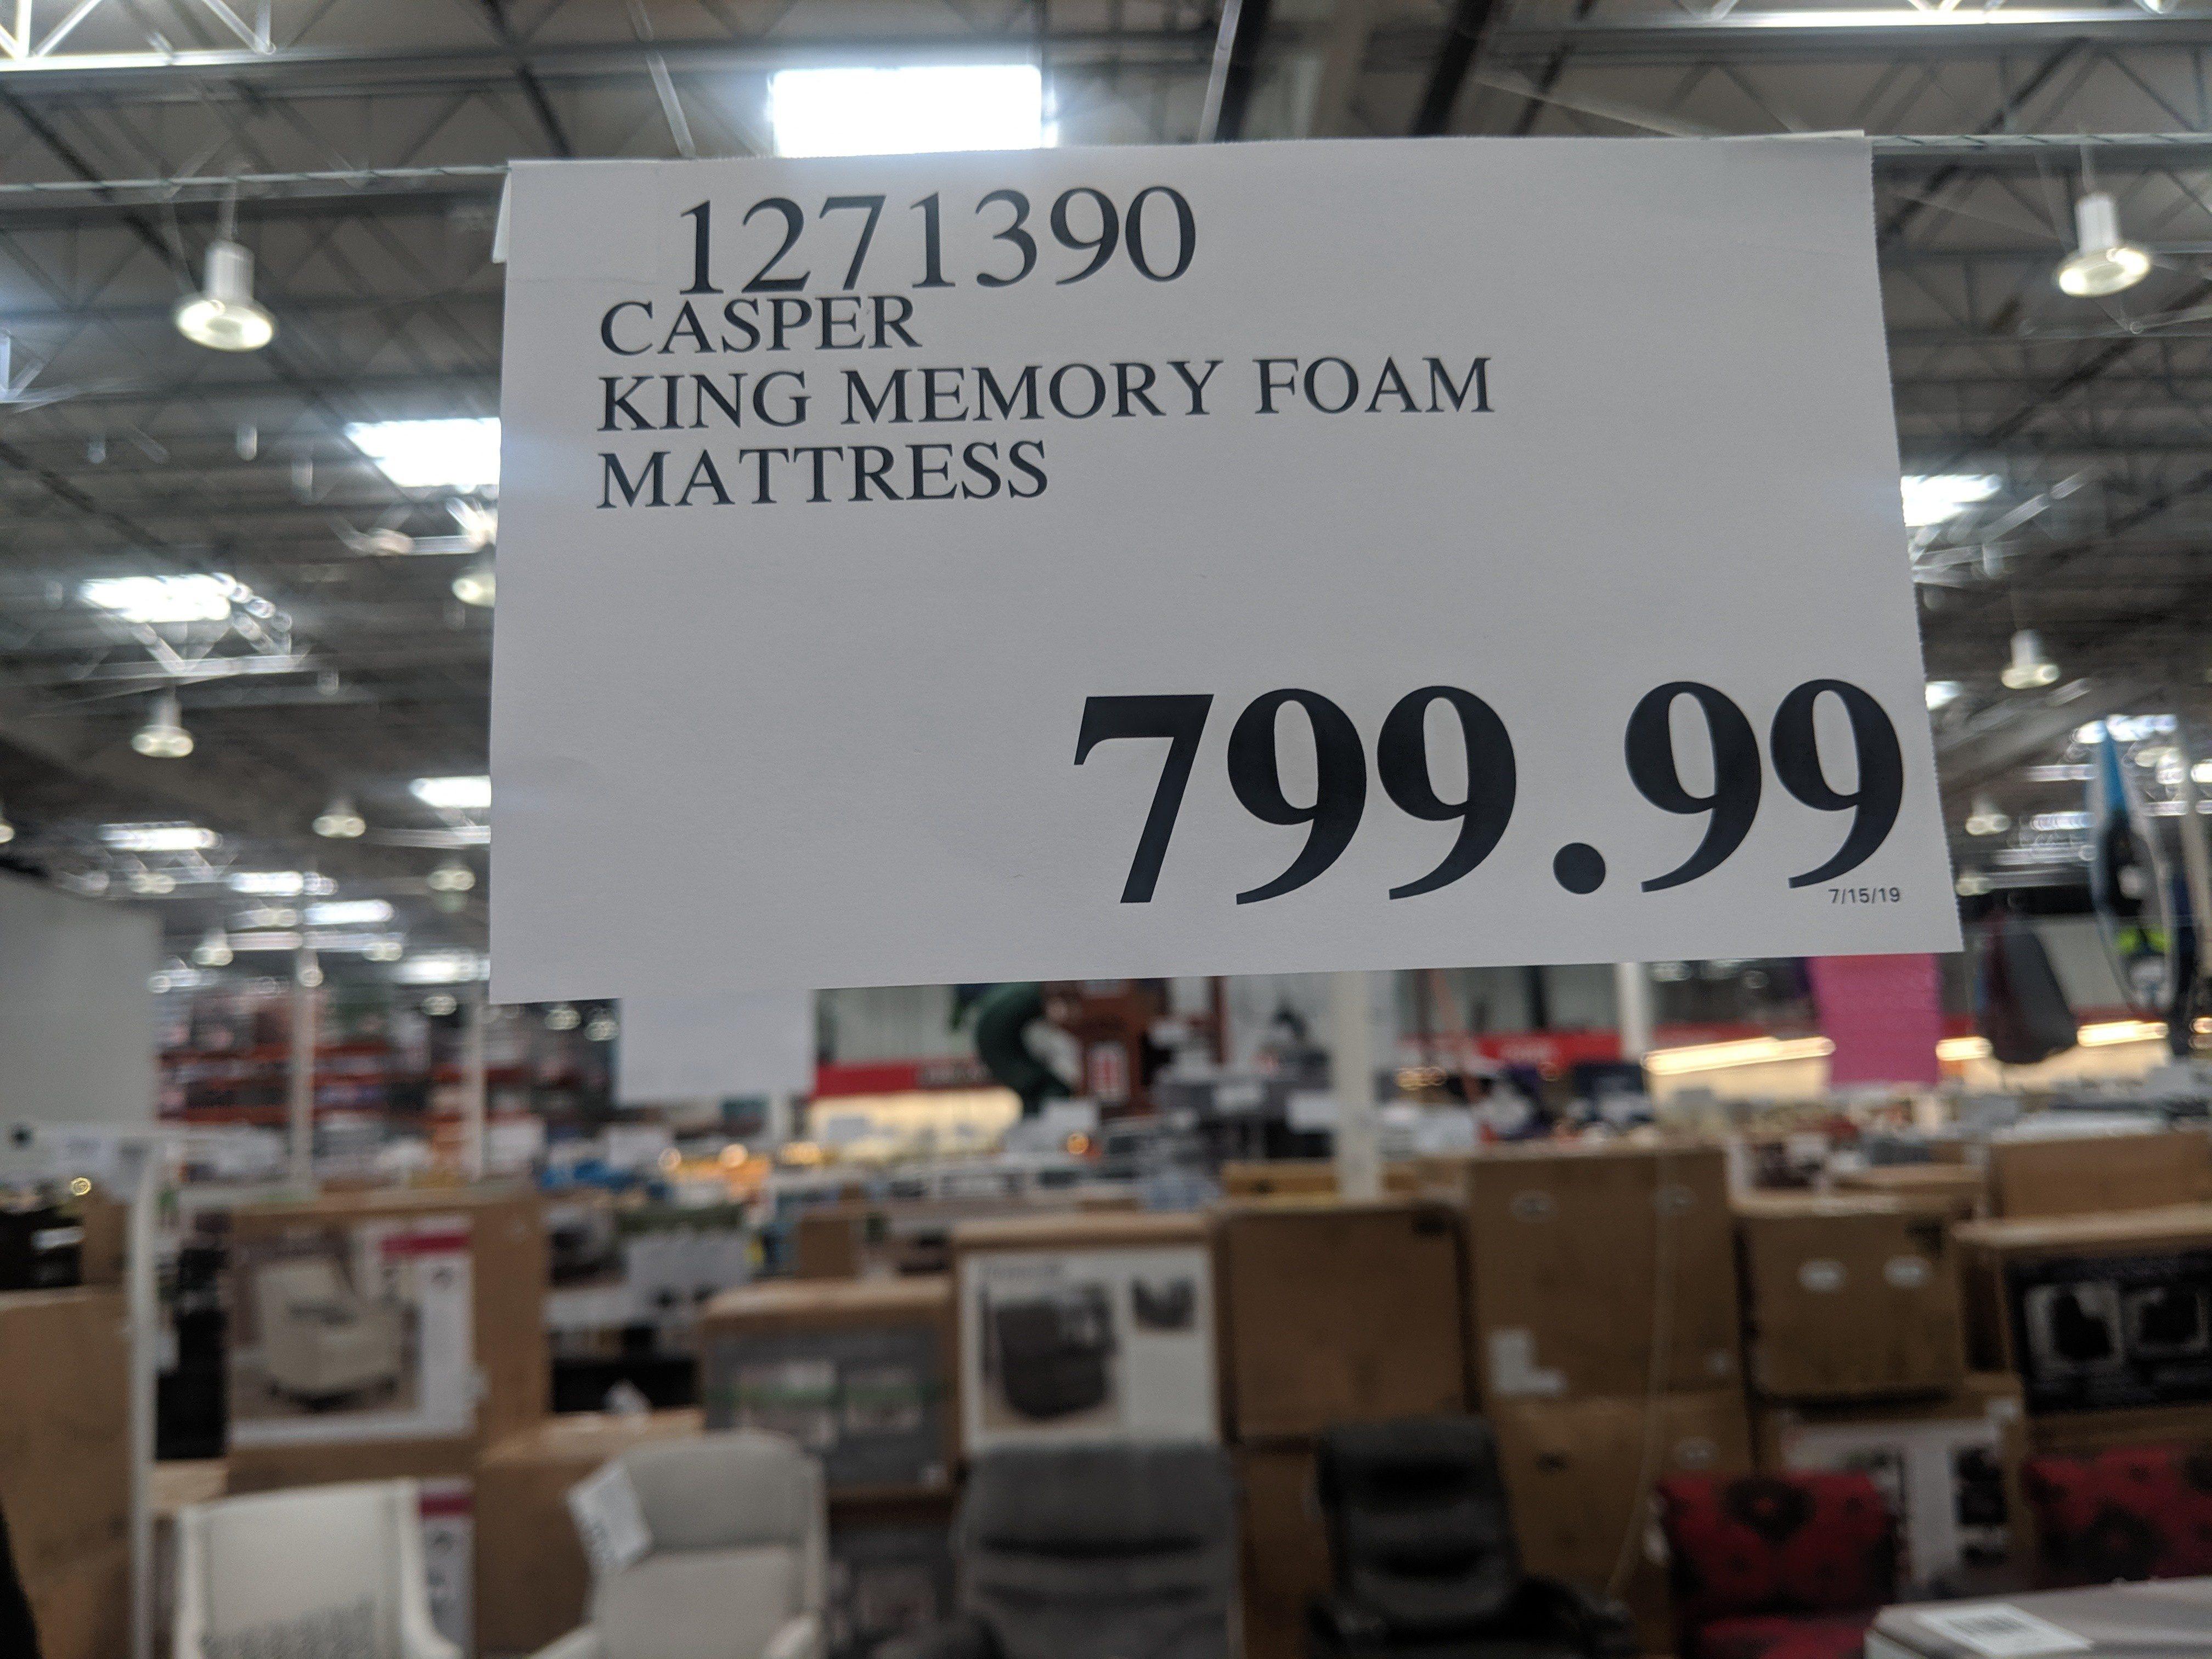 Costco Casper Mattress Costco Usa Wa 599 99 Queen 799 99 King Redflagdeals Com Forums